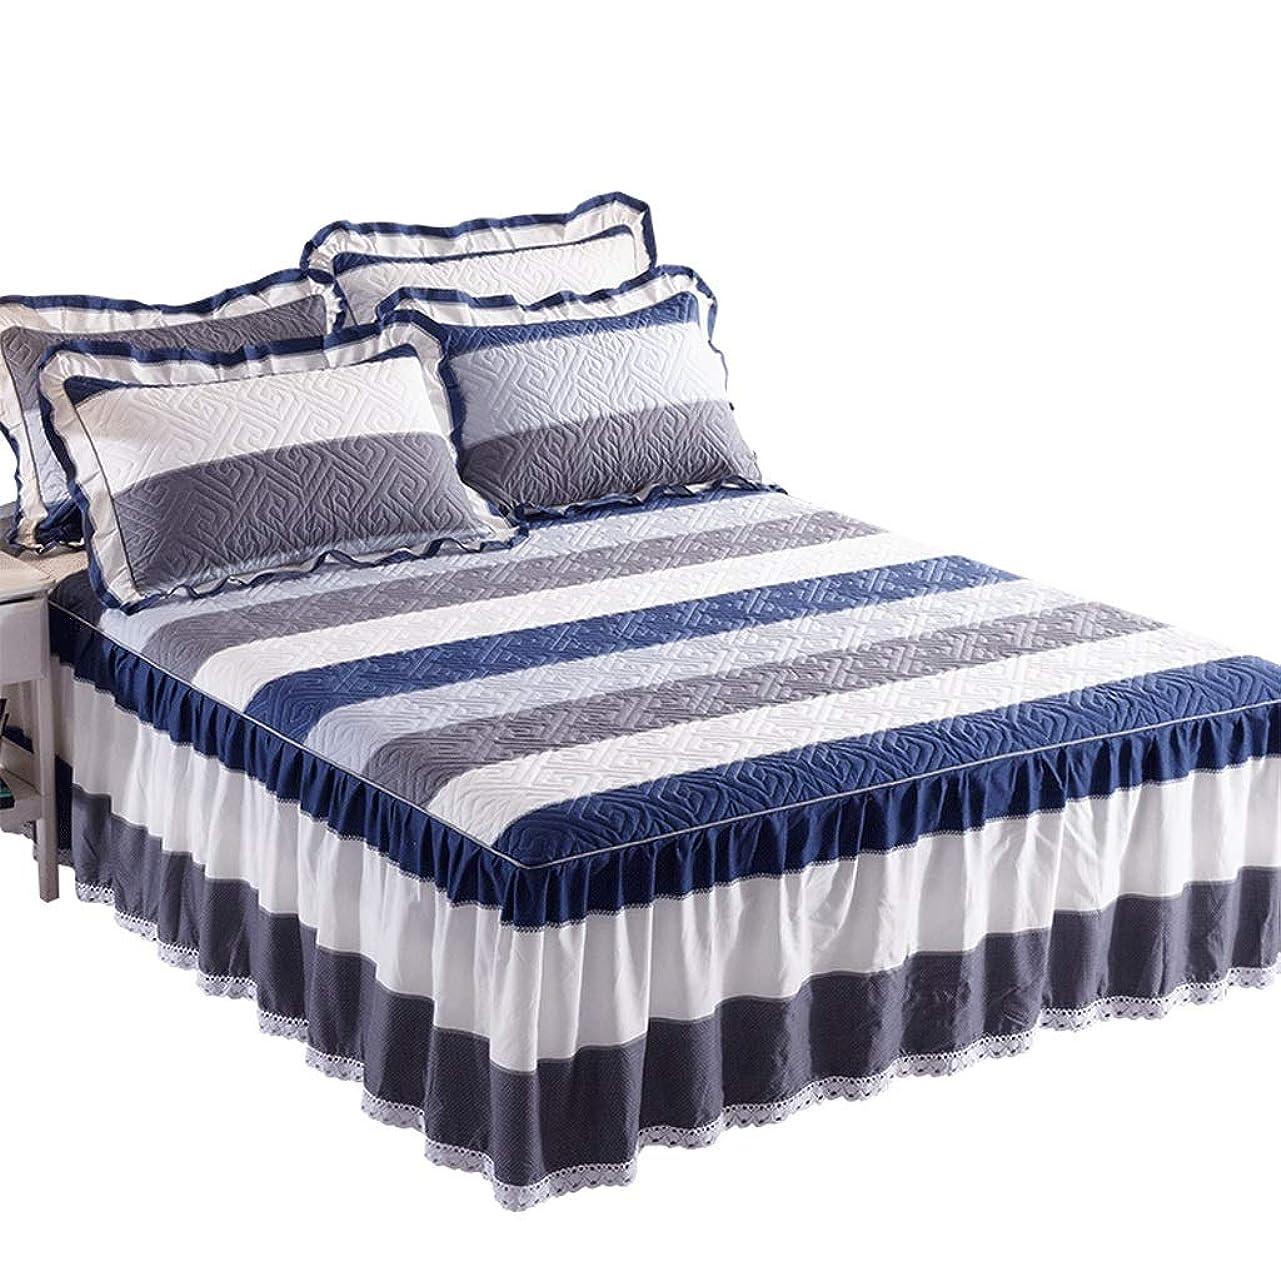 ベッツィトロットウッド絶滅した誇りに思うコットンのベッドスカート豪華なプレミアム品質しわと退色耐性マイクロファイバーマルチフリル滑り止め保護ケース - ほこりを追加 (色 : J j, サイズ さいず : 180 × 220cm+pillowcase)